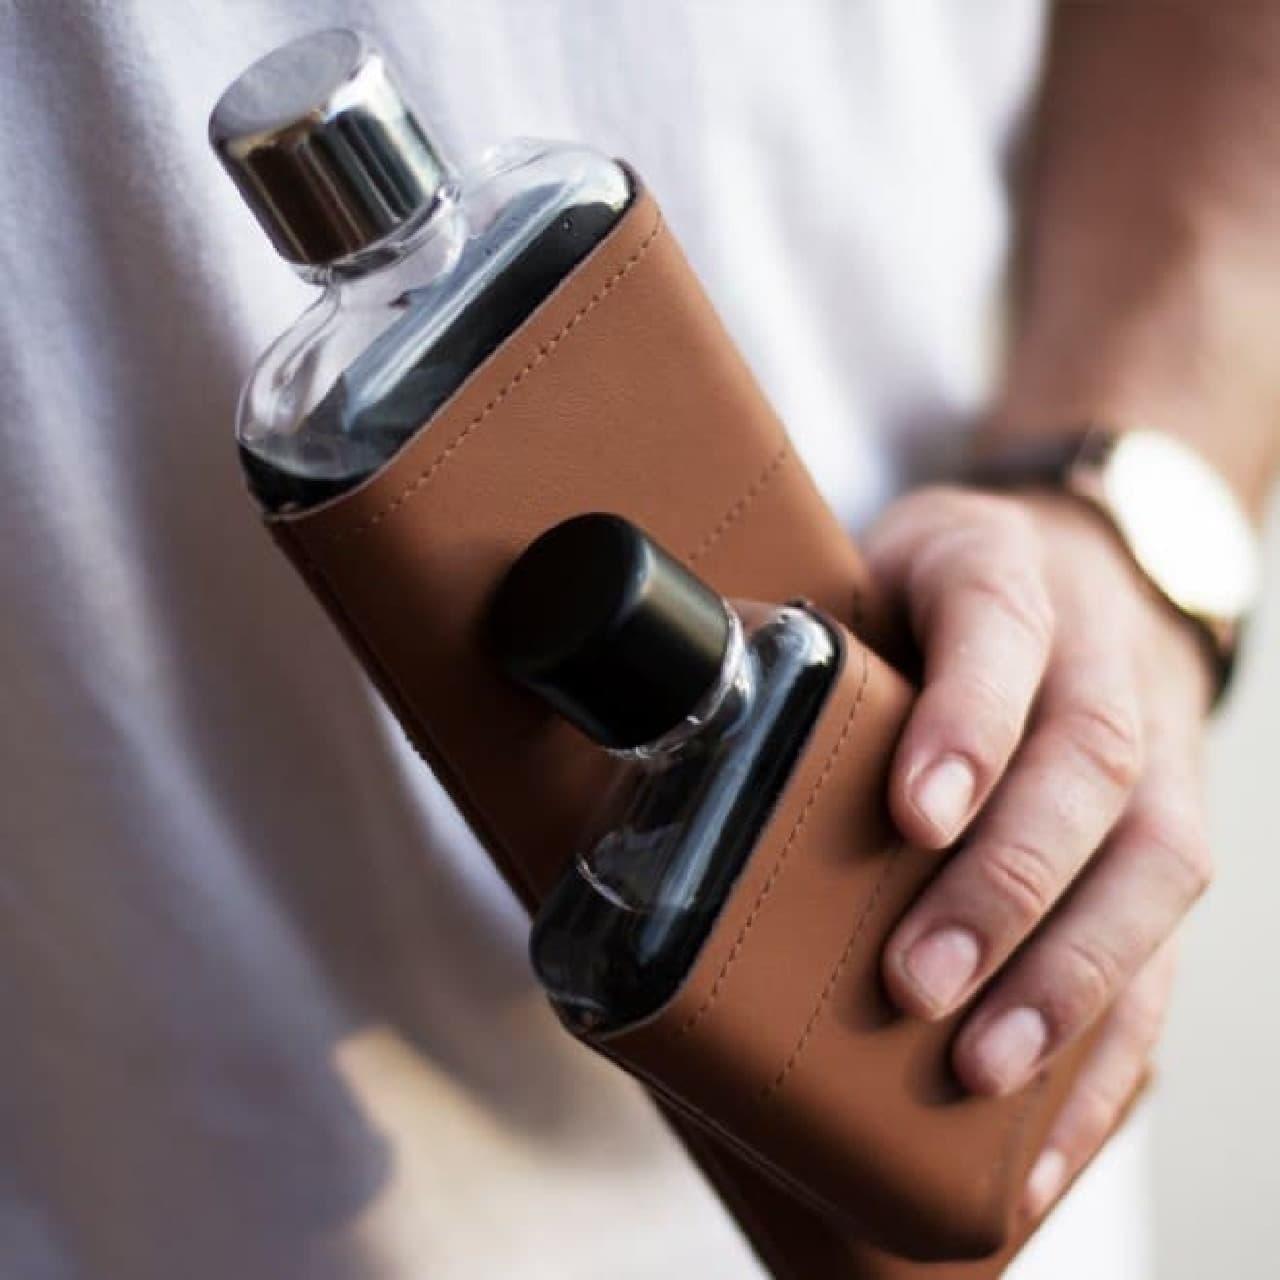 ノートPCサイズの水筒memobottleに、スマートフォン時代のサイズ感を持つ「memobottle H2.0」